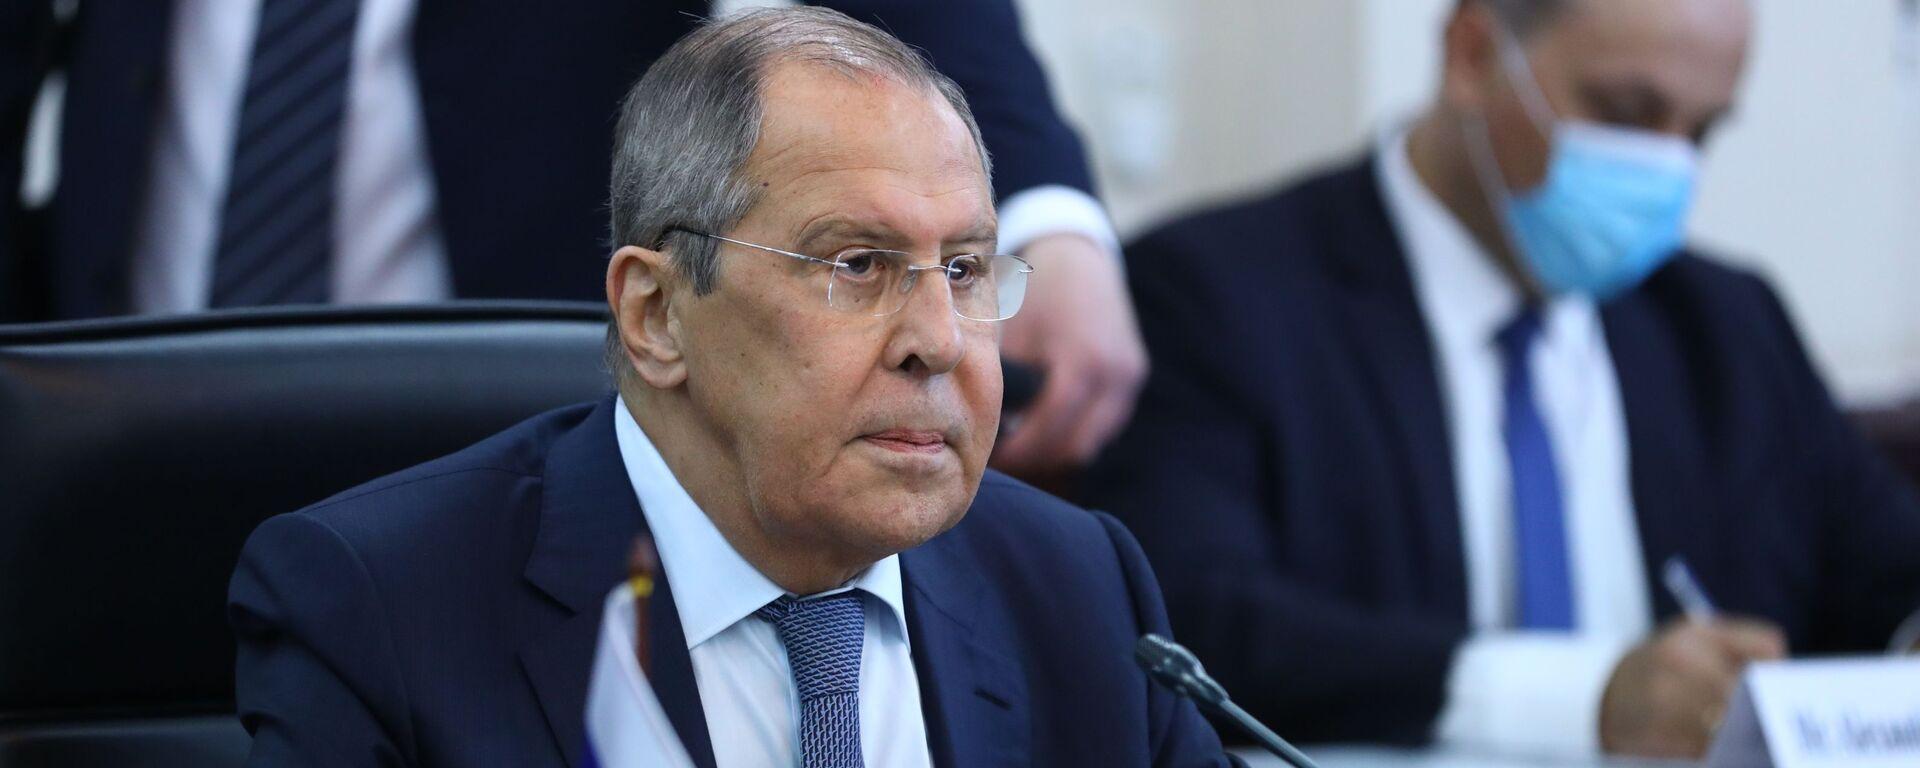 Лавров: Погоршава се ситуација у Авганистану, ако буде потребе ангажоваћемо базу у Таџикистану - Sputnik Србија, 1920, 12.07.2021